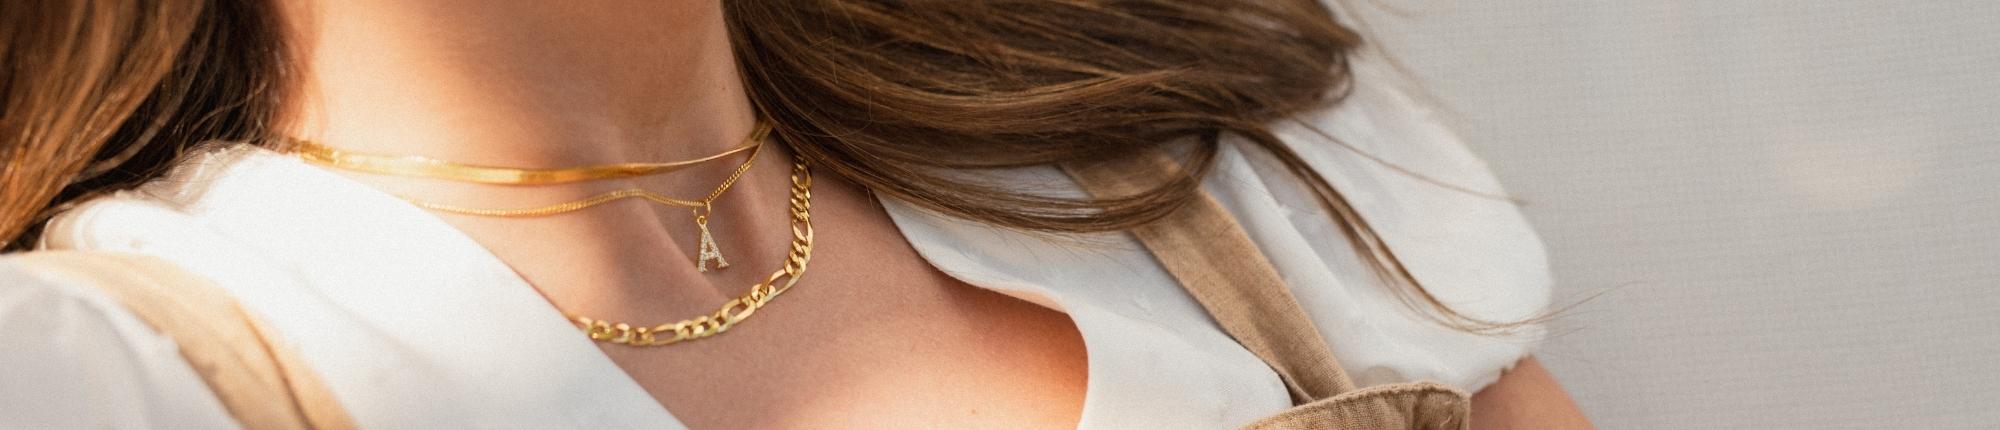 Gargantillas de moda   Gargantilla plata mujer